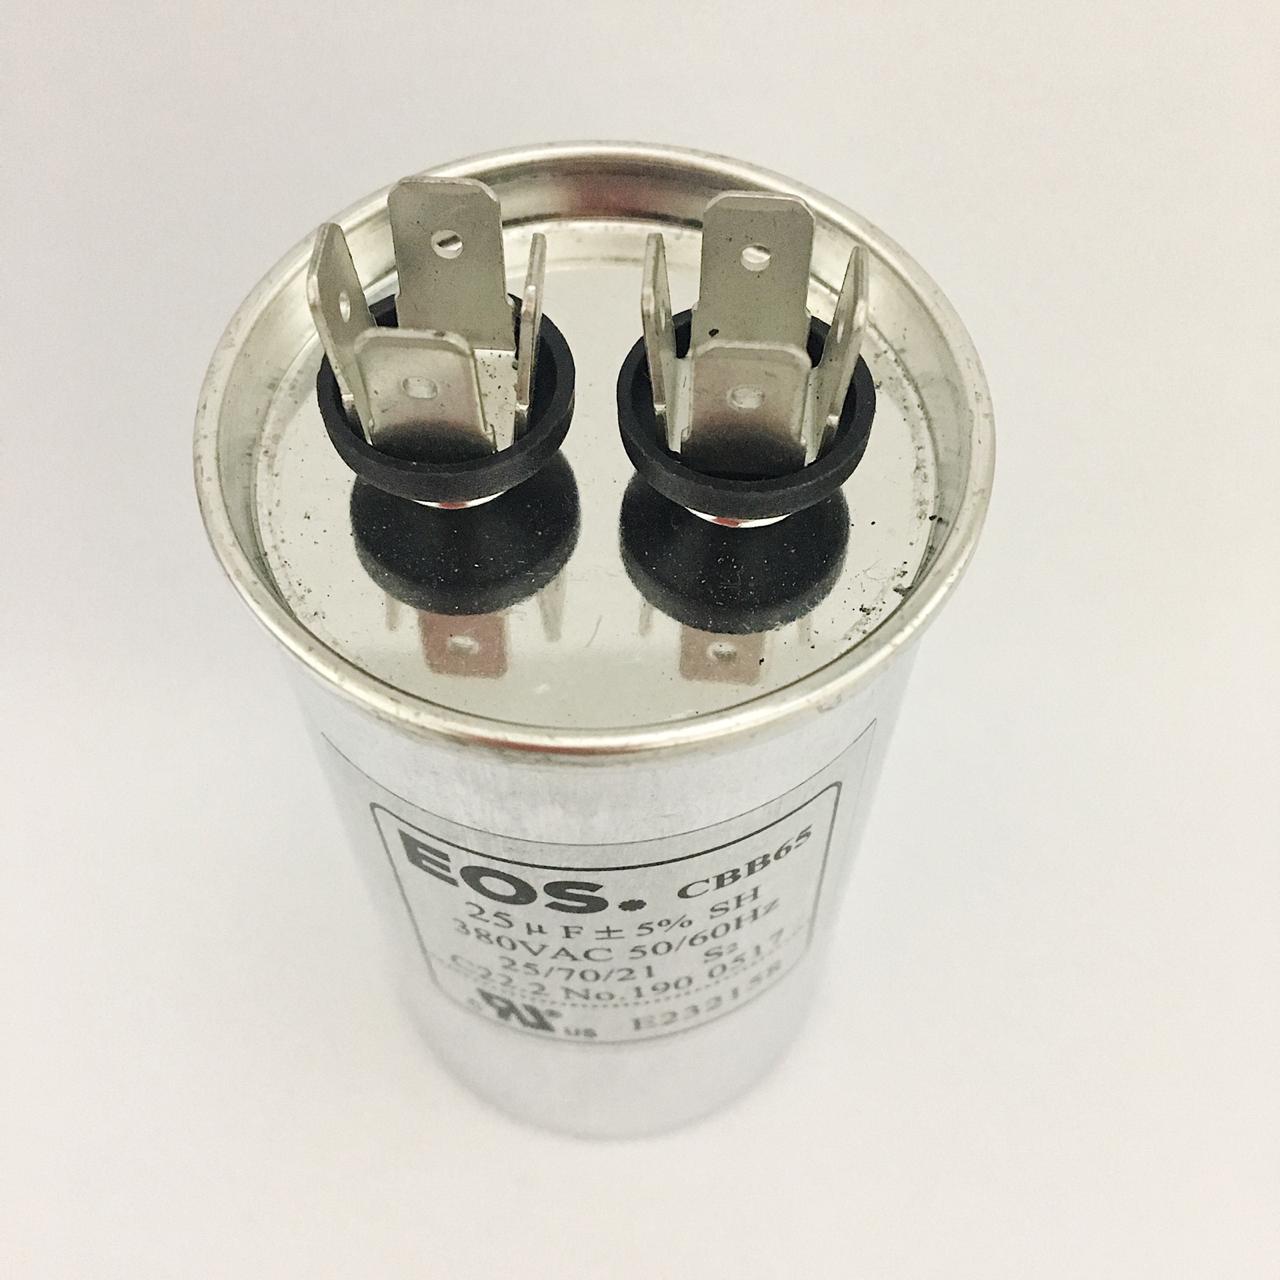 Capacitor 25 MFD 380V 50/60Hz